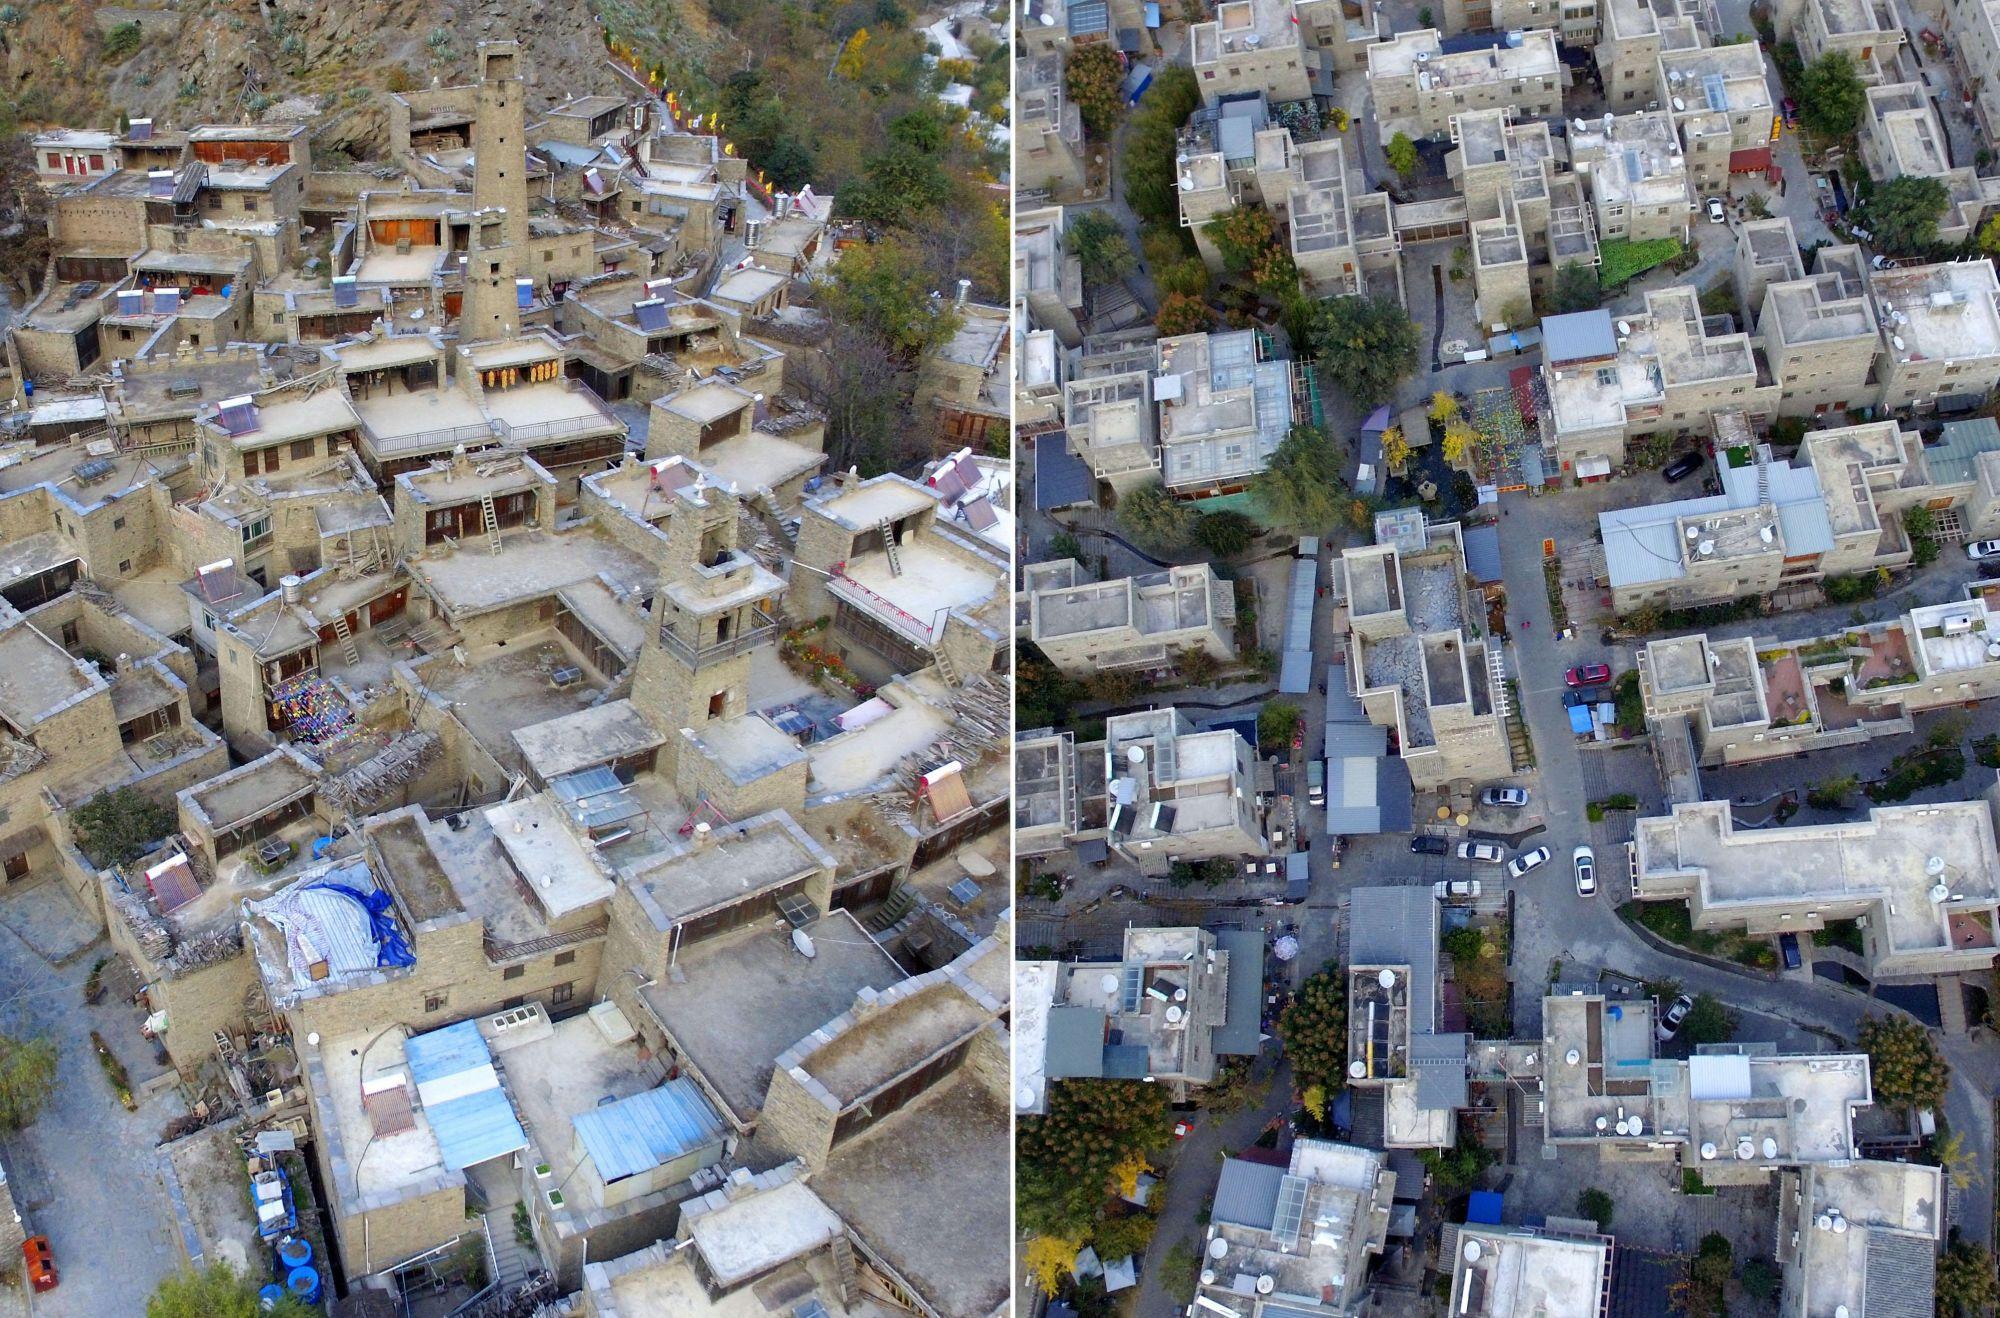 汶川地震未倒的千年古寨旁修起新寨 规模更震撼